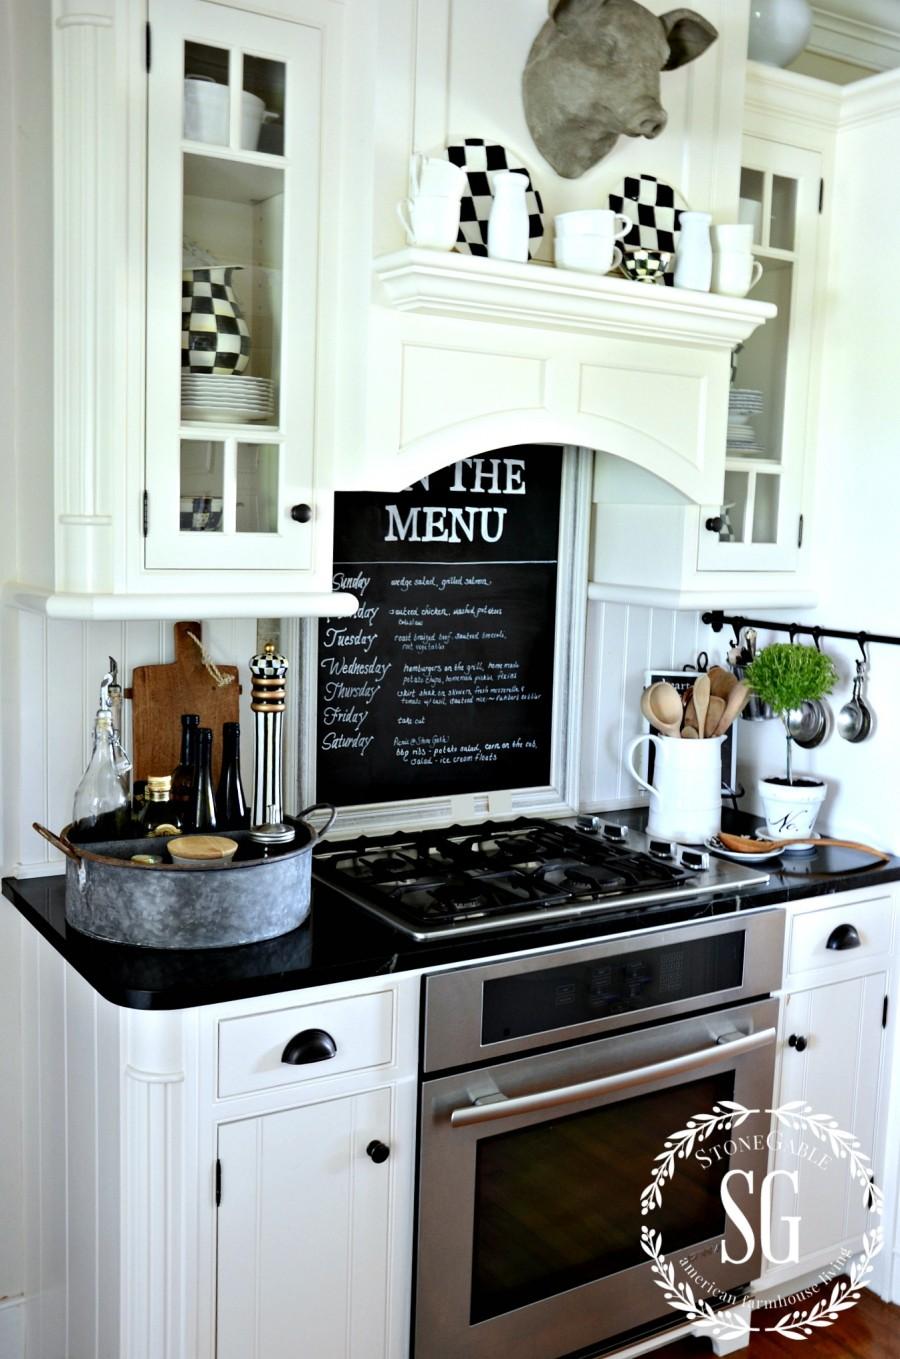 stonegable on pinterest white dishes farmhouse kitchens and continental breakfast on farmhouse kitchen kitchen id=23489